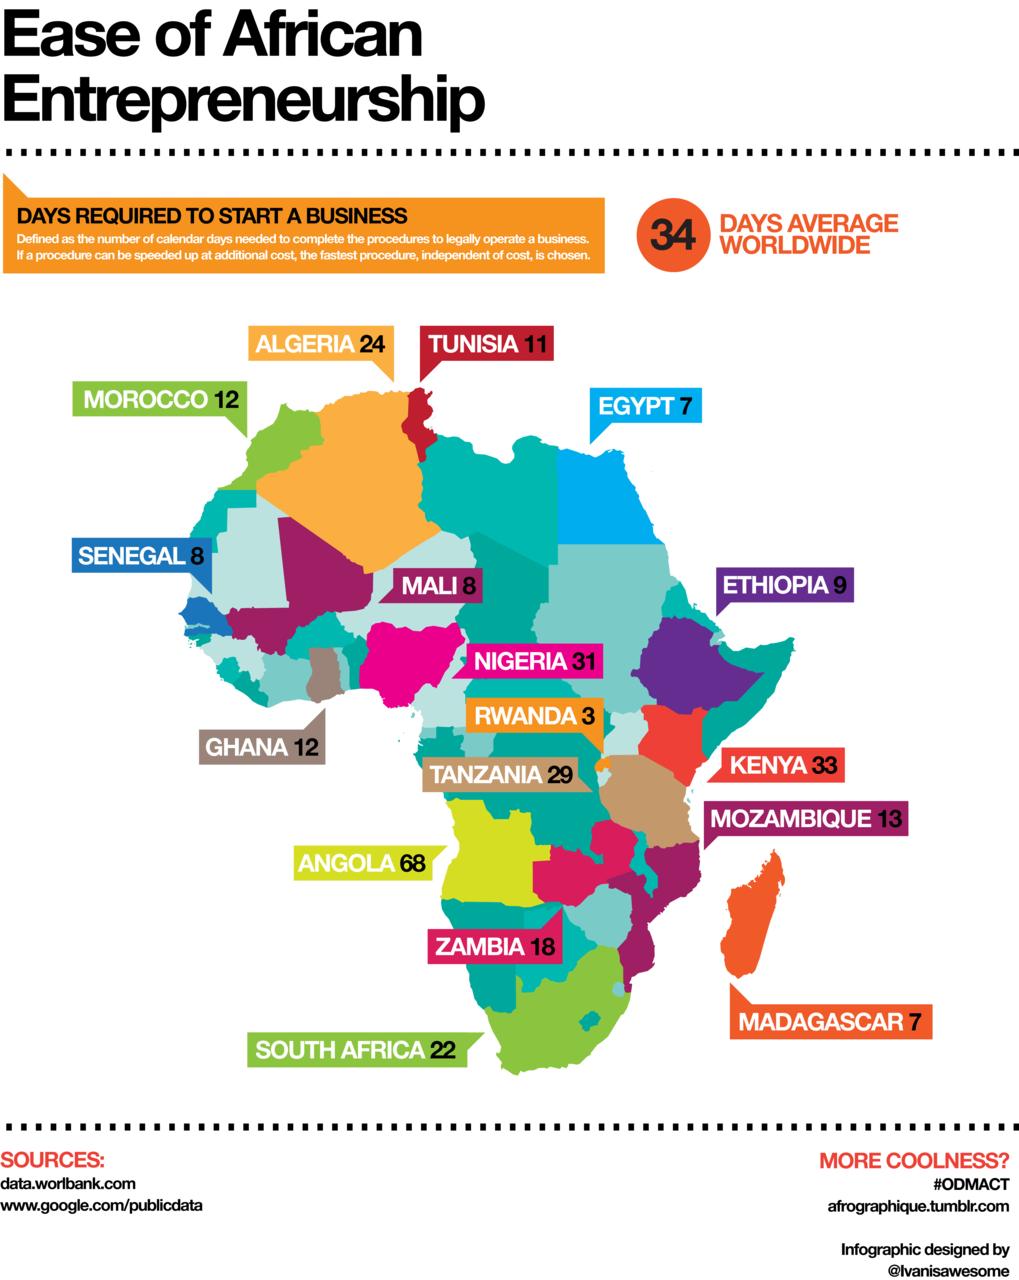 Das necesarios para abrir una empresa en algunos pases de africa das necesarios para abrir una empresa en algunos pases de africa infografia infographic tics y formacin gumiabroncs Images